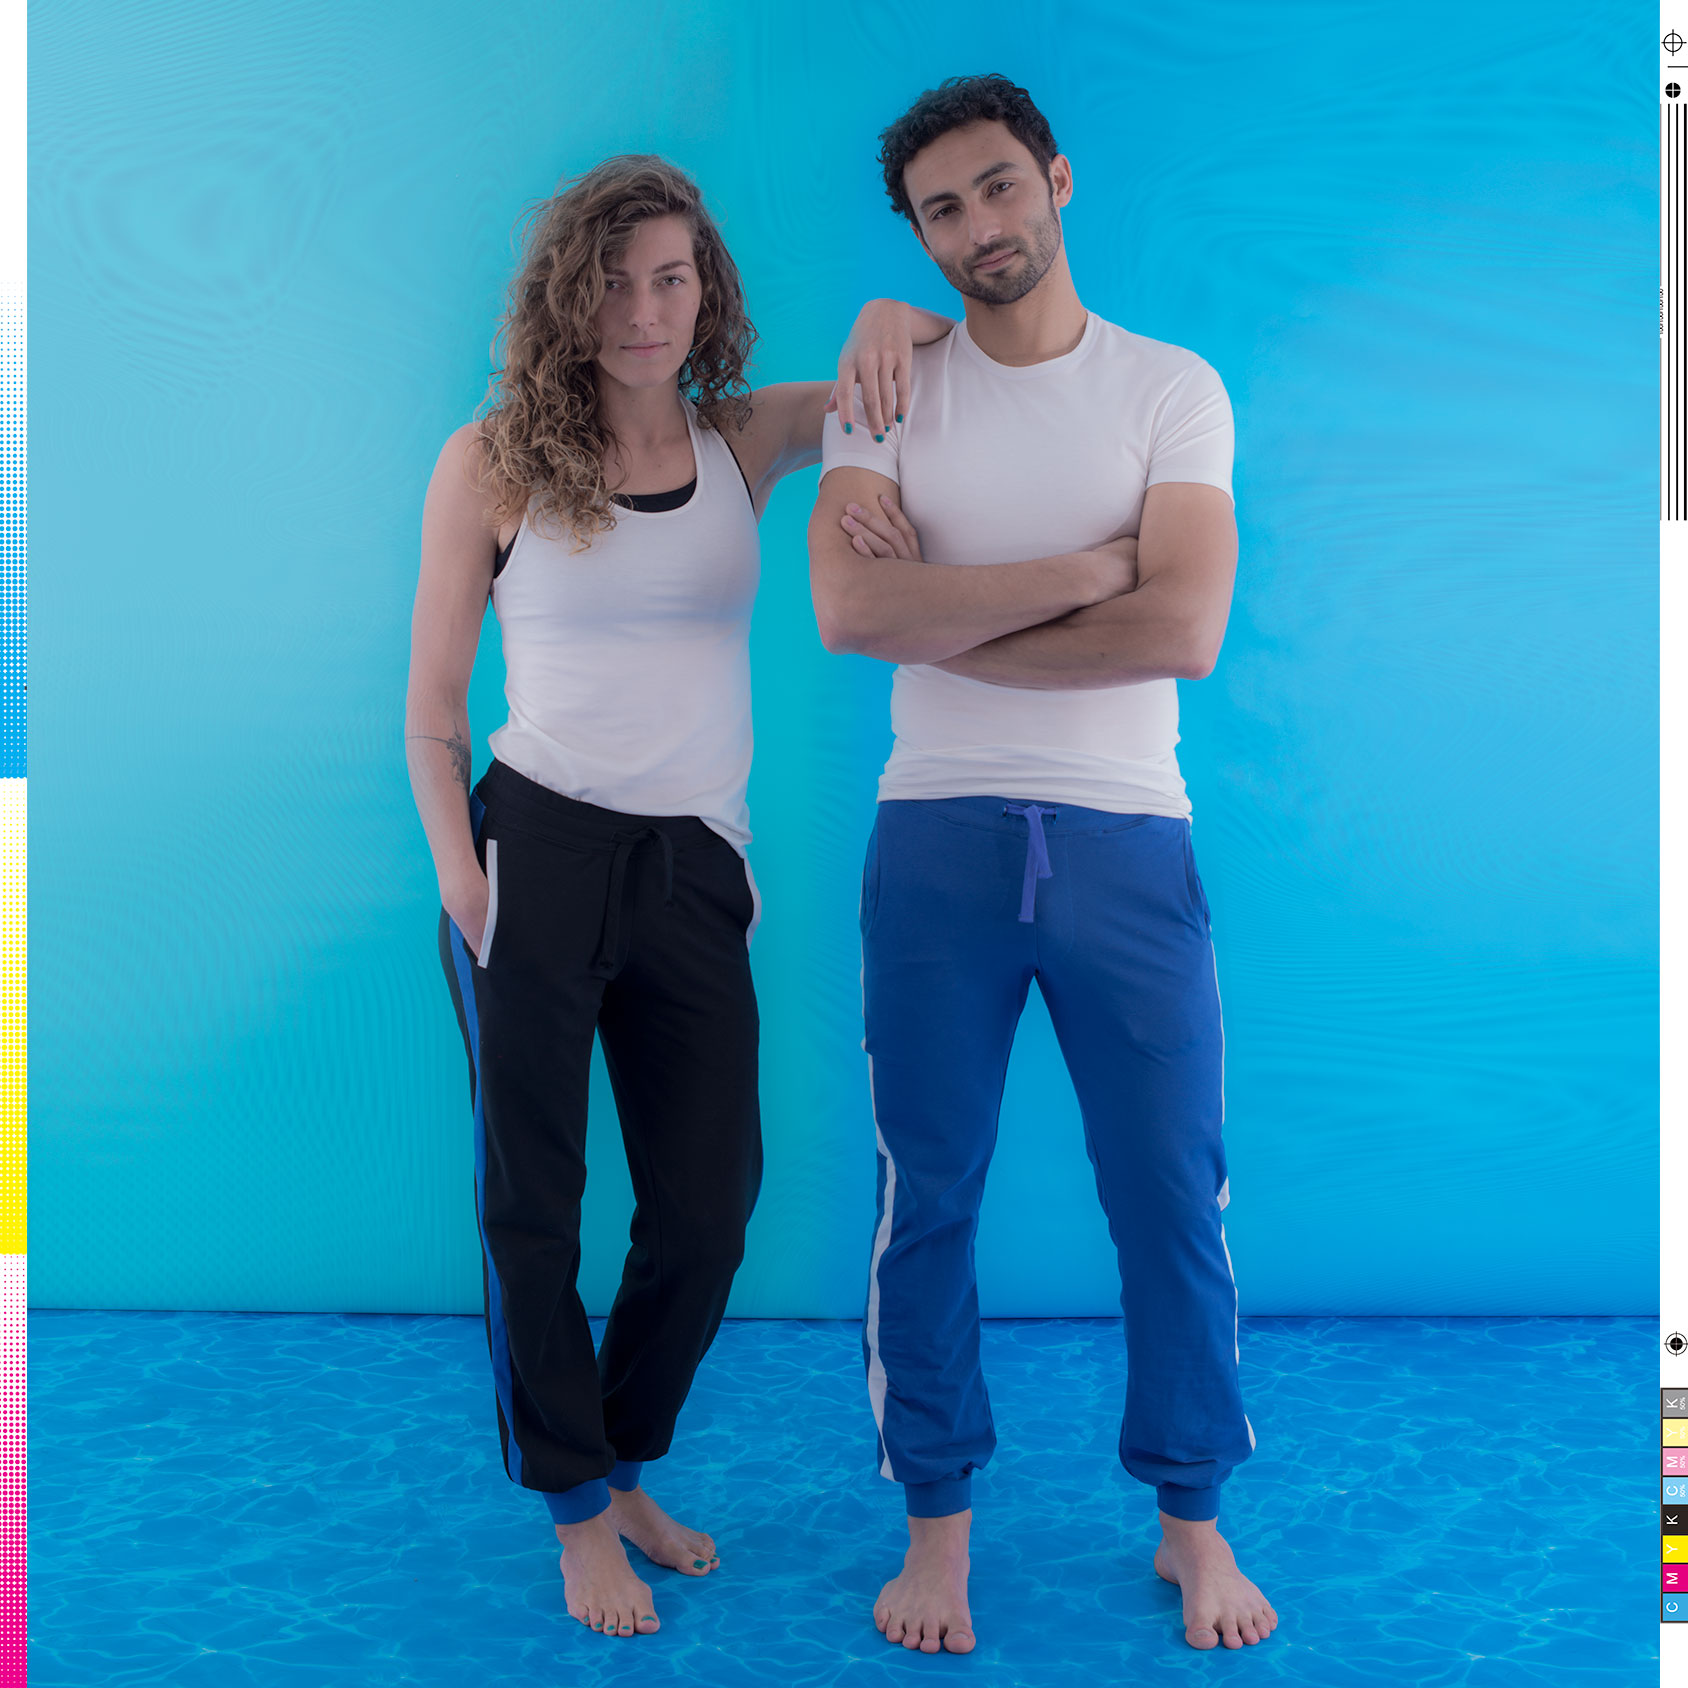 """Das österreichische Label produziert nachhaltige Sportmode wie z. B. diese unisex """"All Day Pant"""" aus griechischer Bio-Baumwolle. Fotocredit: © www.nicetomeetme.at/www.sturmfotografie.at"""